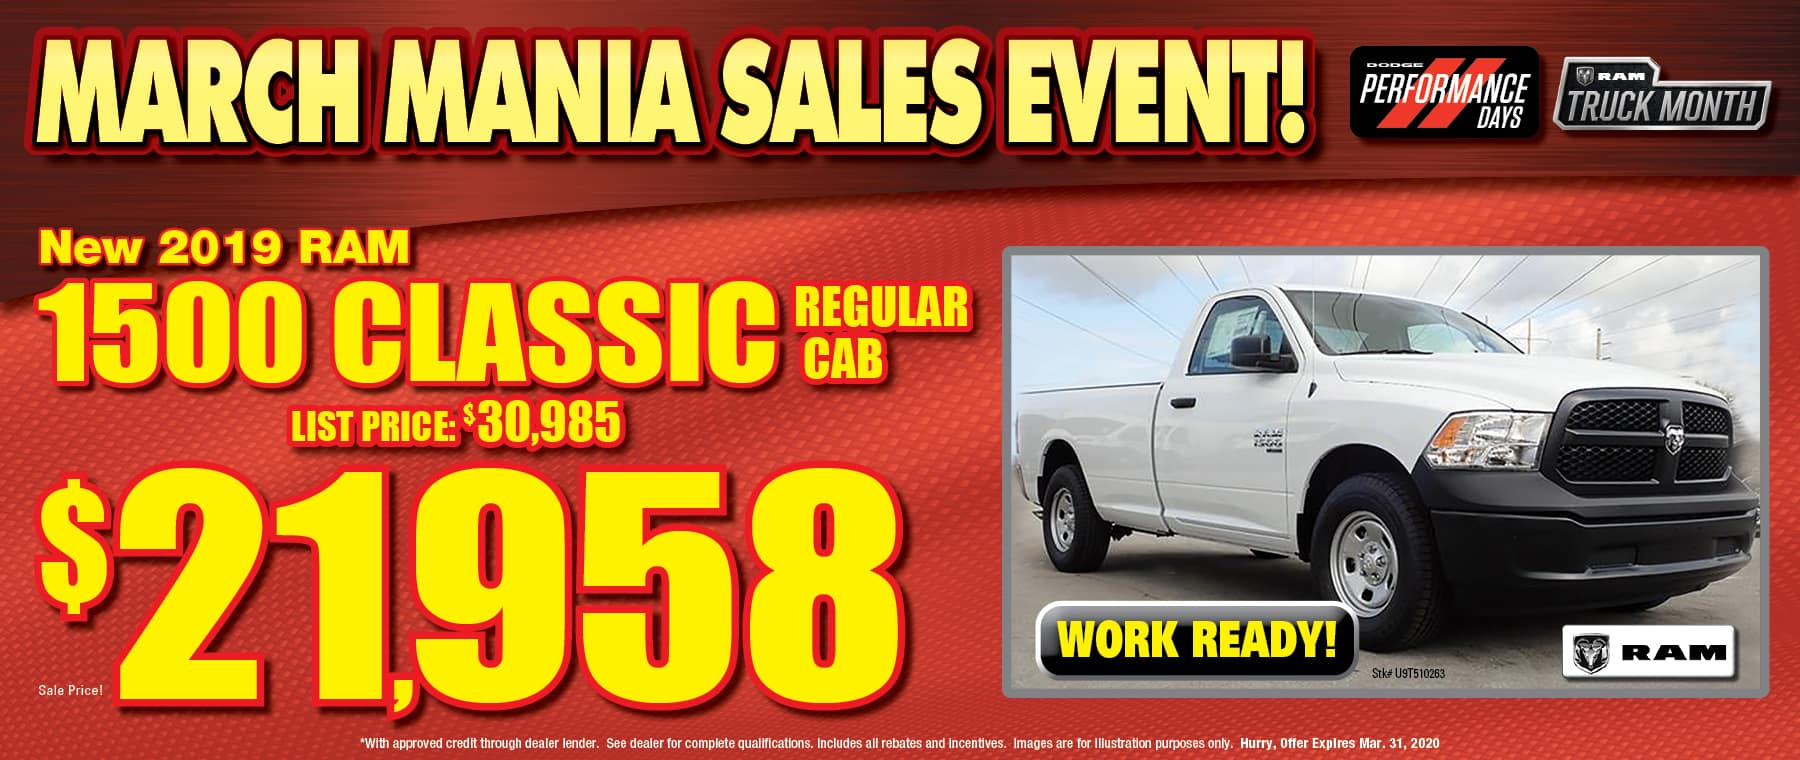 New Ram Regular Cab Classic!